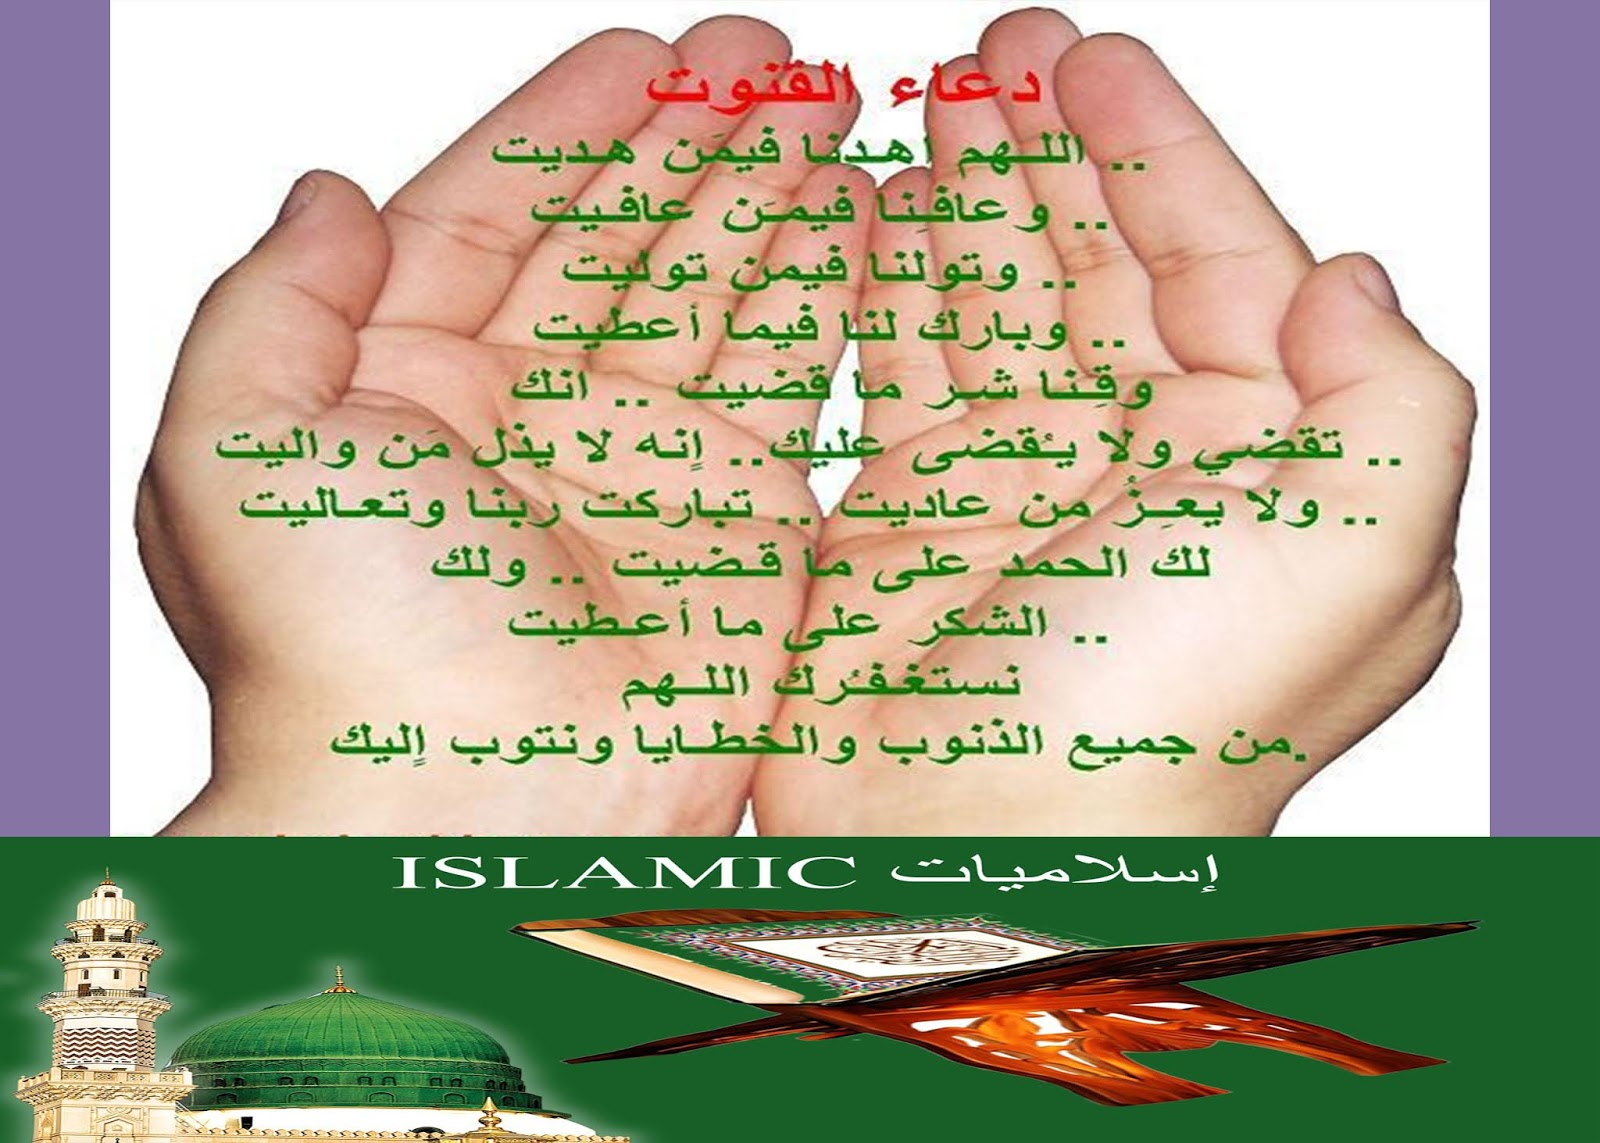 ماهو دعاء القنوت وماهي صيغته اسلاميات Islamic